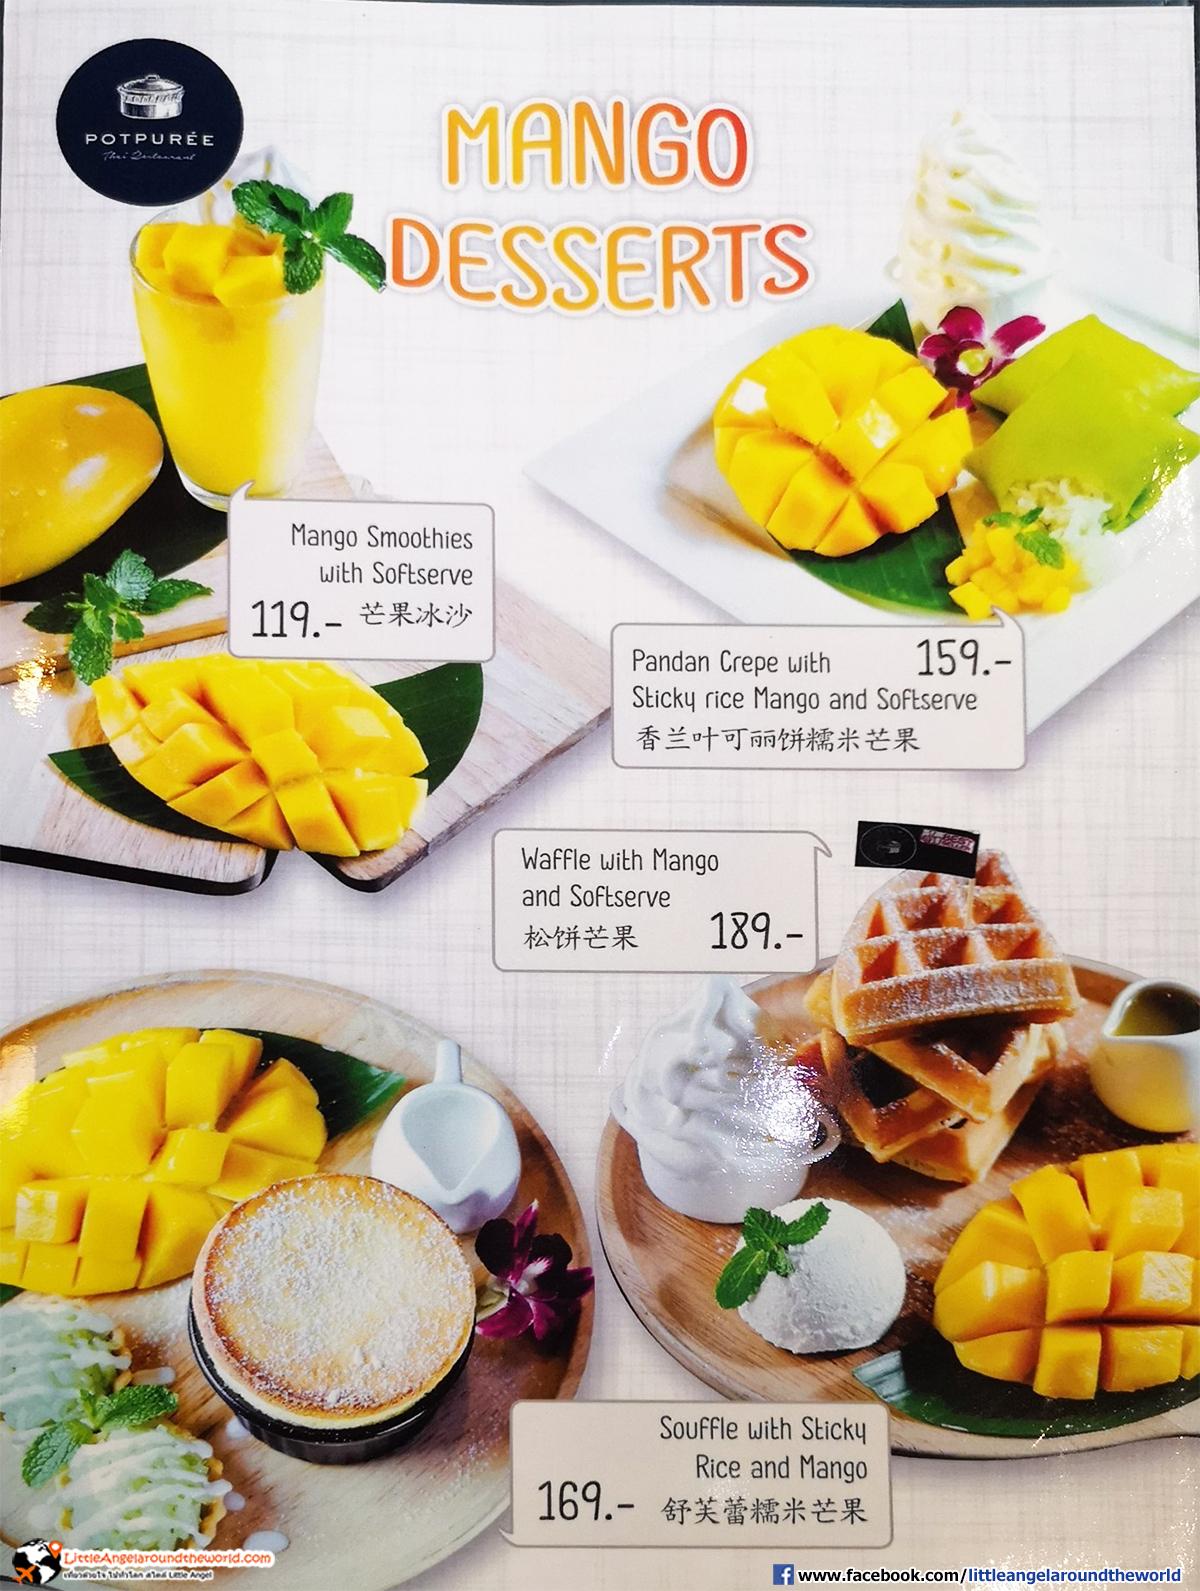 เมนูมะม่วง : Potpure'e (พอทพิวเร่) ร้านอาหารไทย อินเตอร์ ที่ เซ็นทรัล พระรามเก้า ชั้น 7